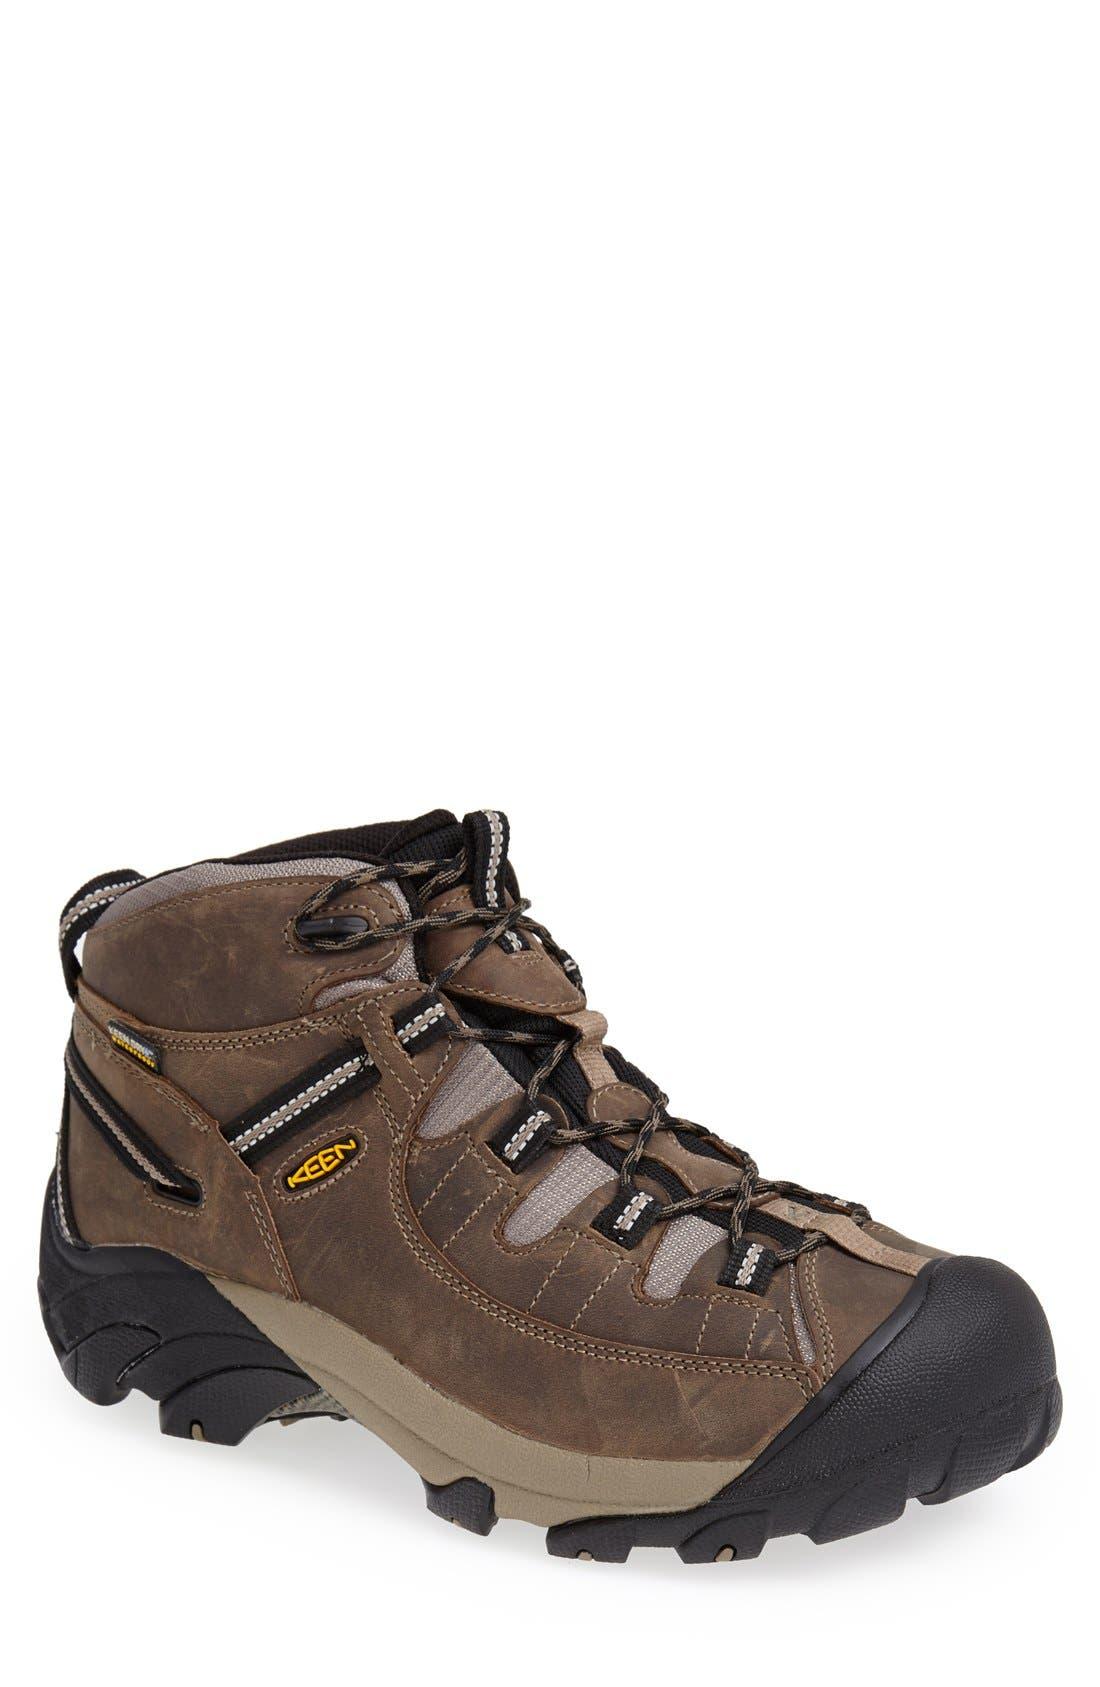 Alternate Image 1 Selected - Keen 'Targhee II Mid' Hiking Boot (Men)